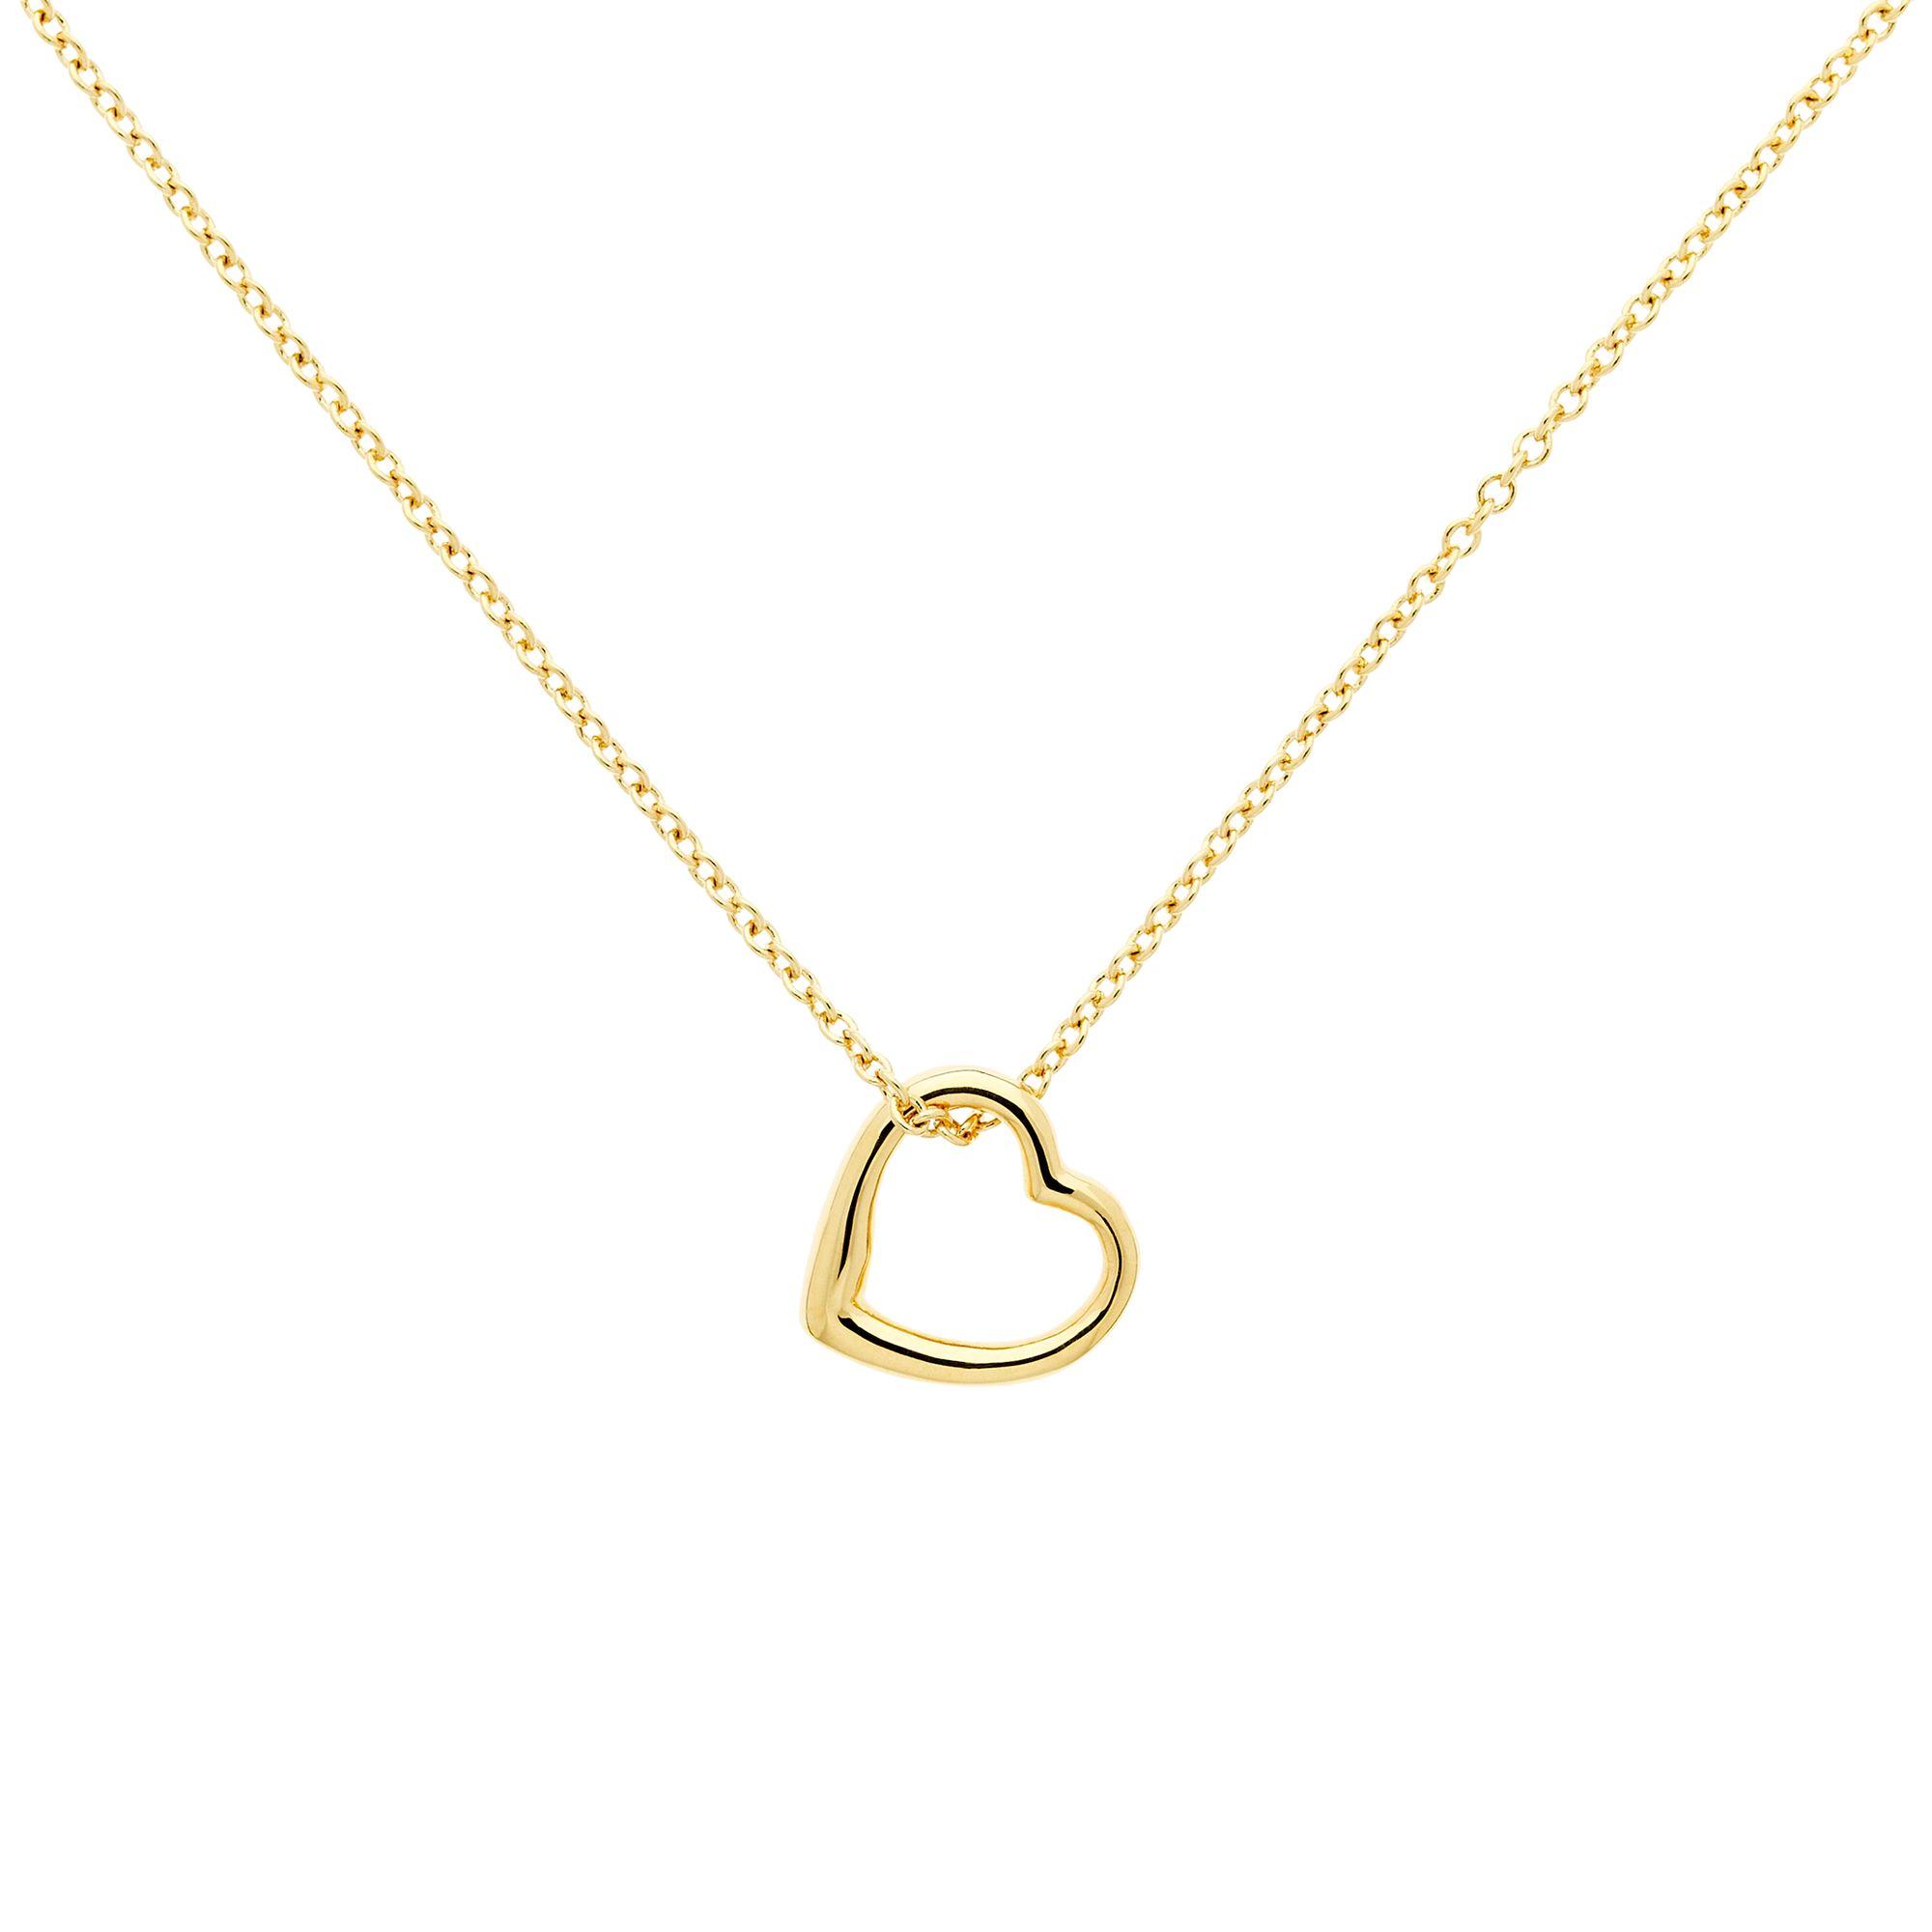 Melissa Odabash Melissa Odabash Mini Heart Pendant Necklace, Gold